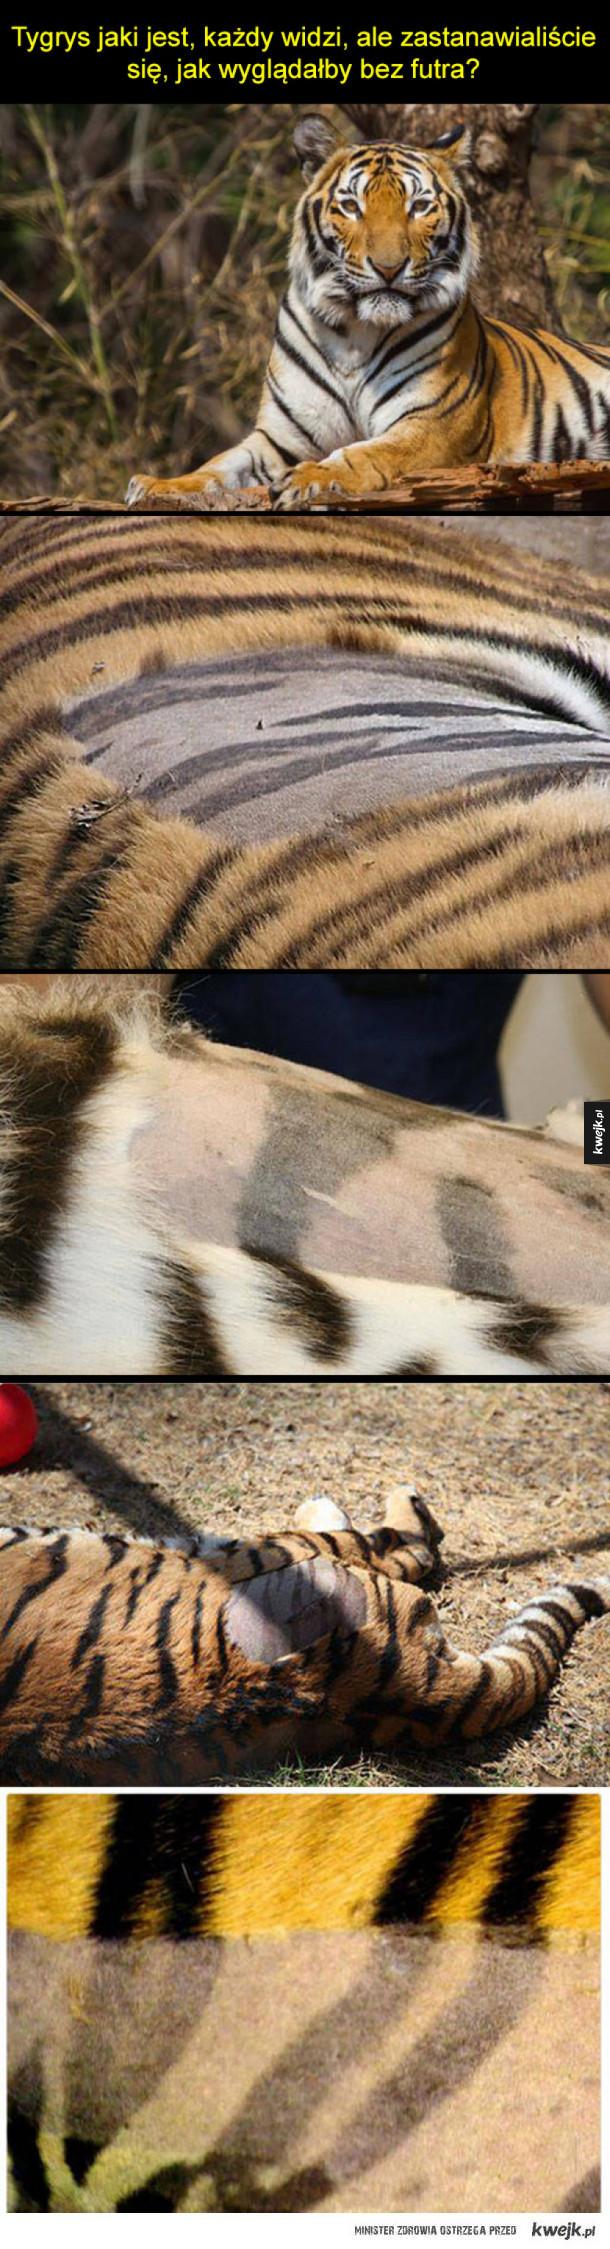 Jak wygląda tygrysia skóra